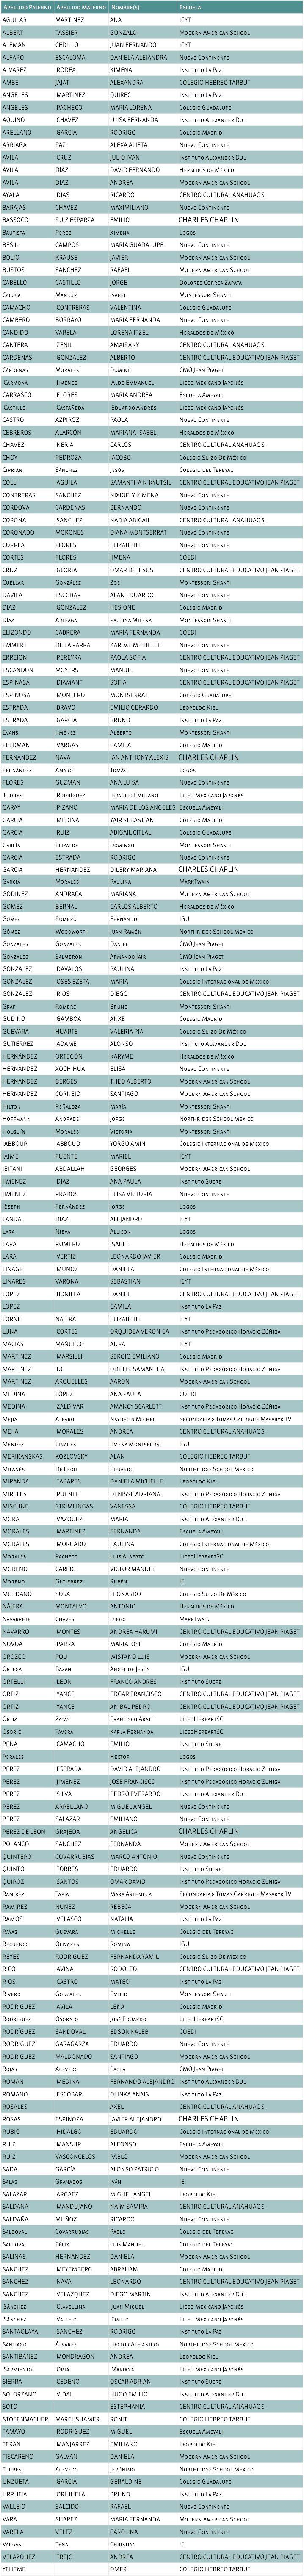 Ganadores 1aEt 2014-2015 Nivel Uno. No tec